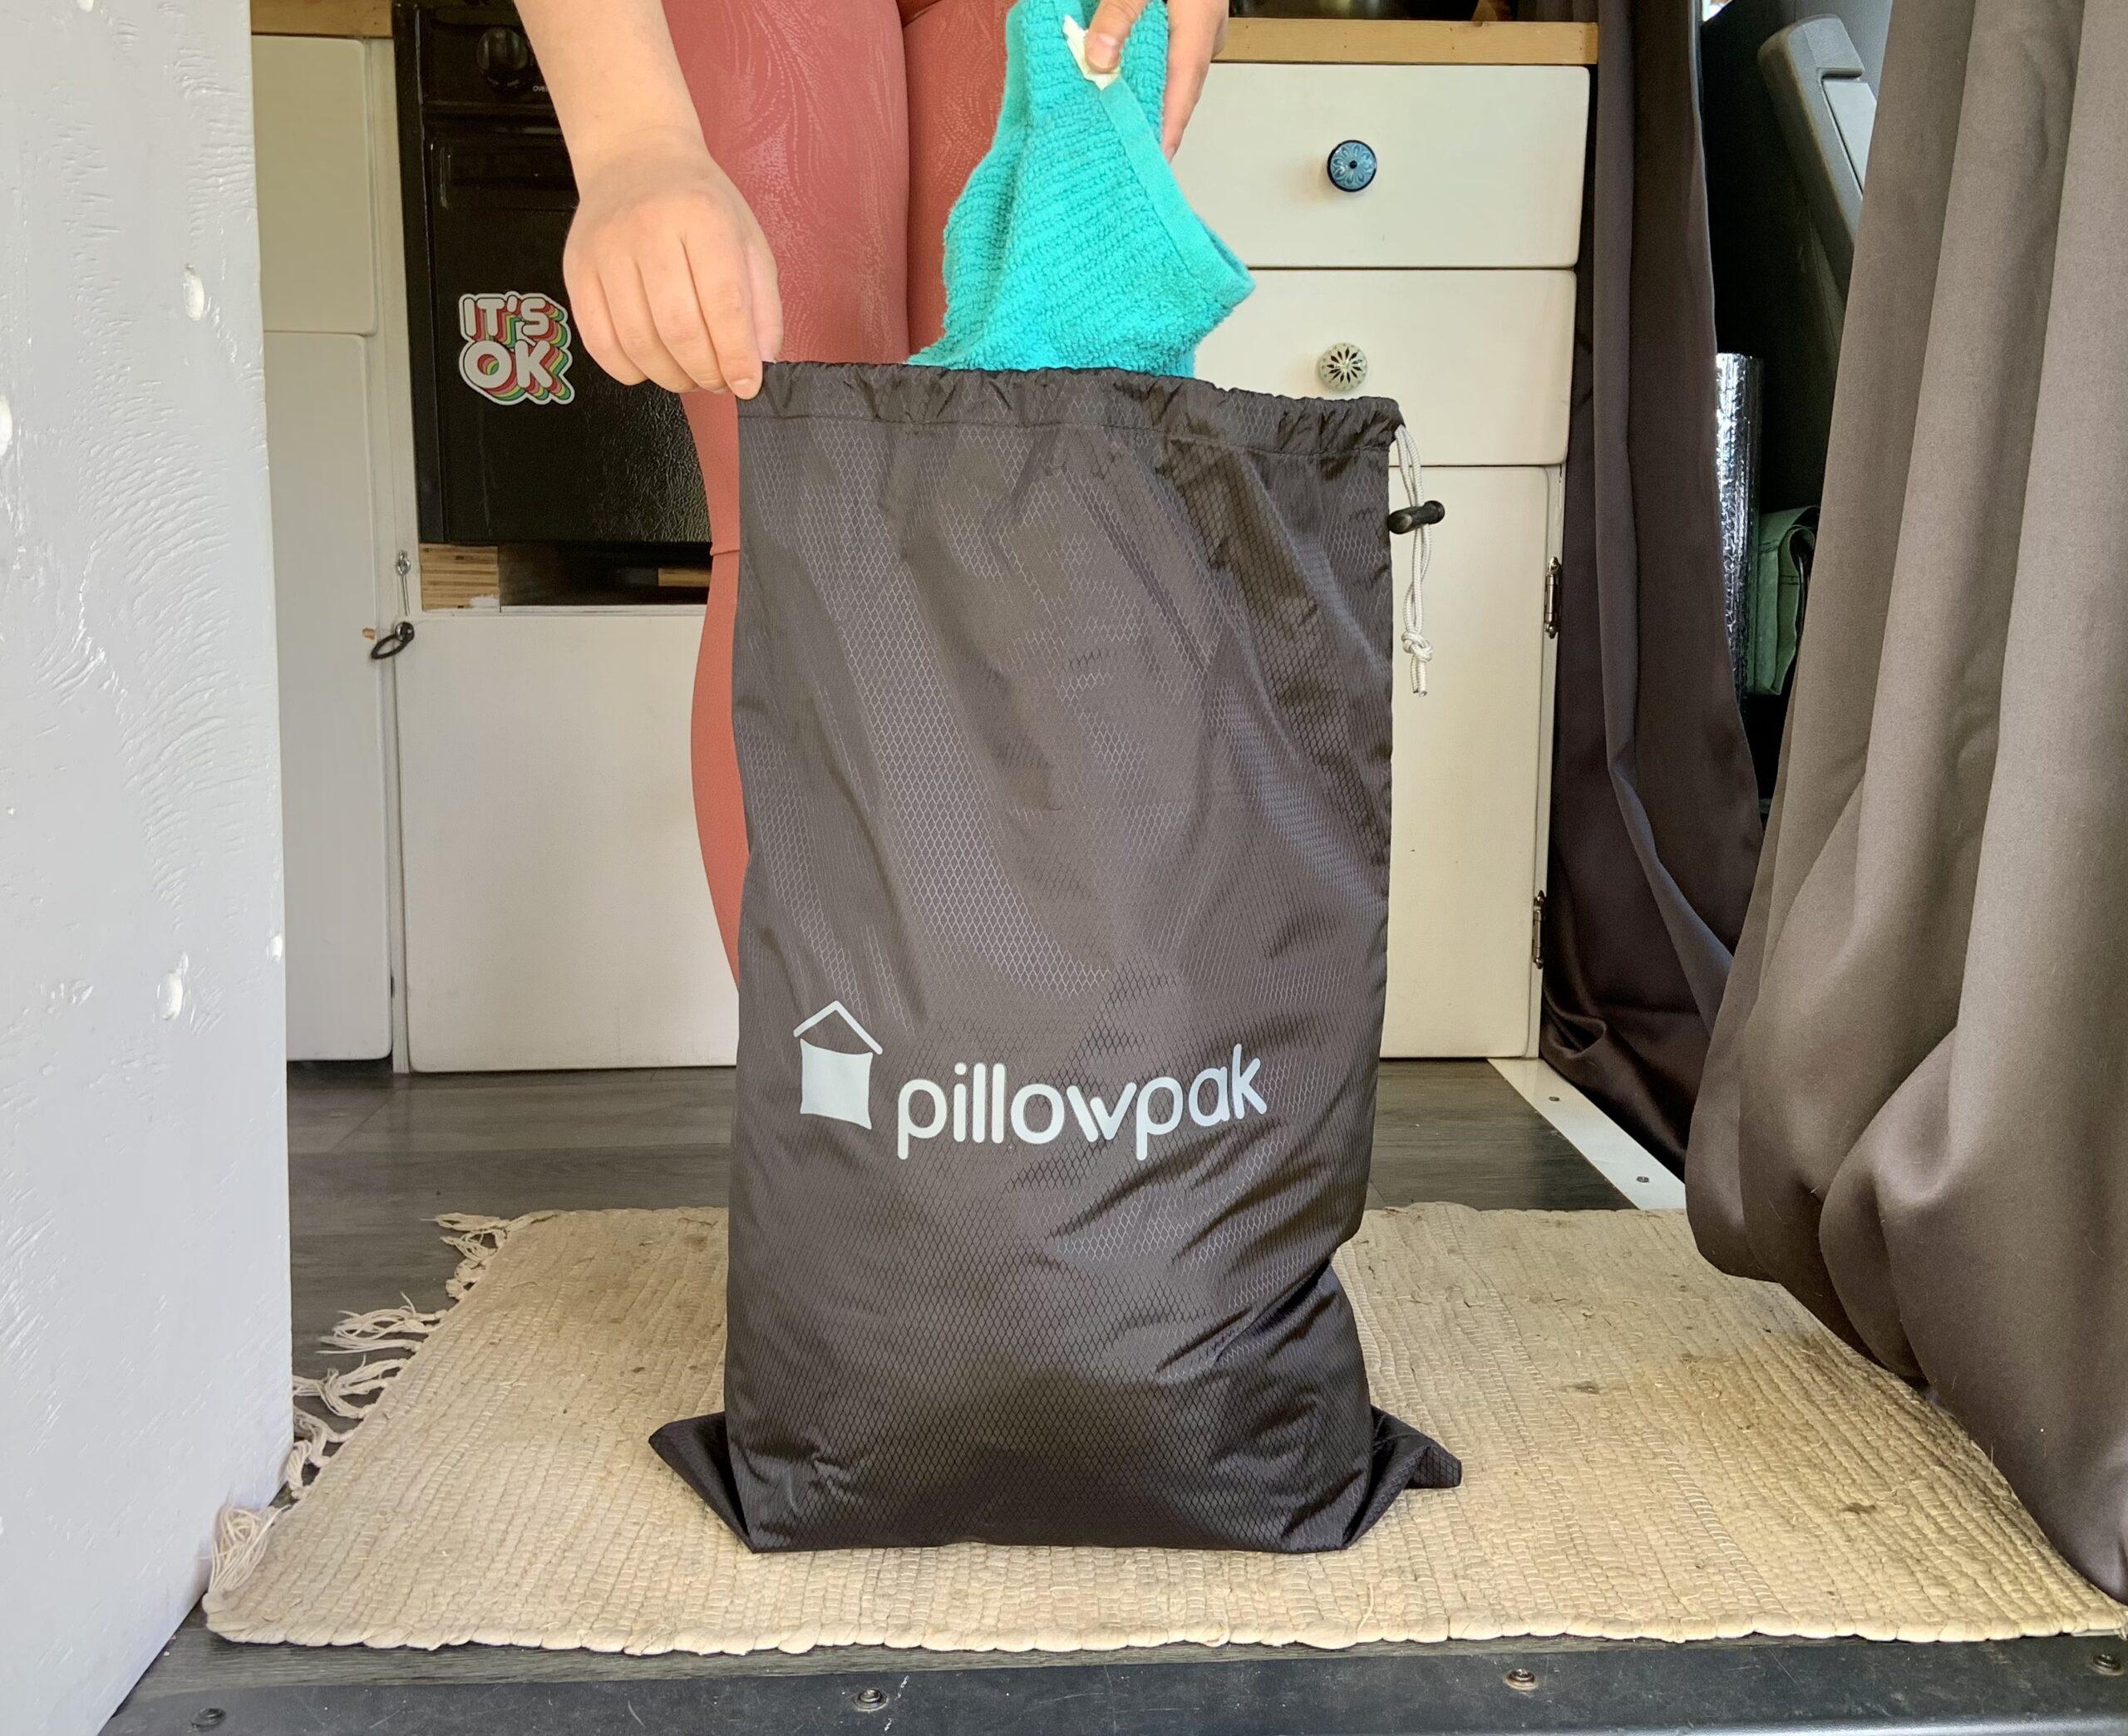 Pillowpak Utility Bag in Use